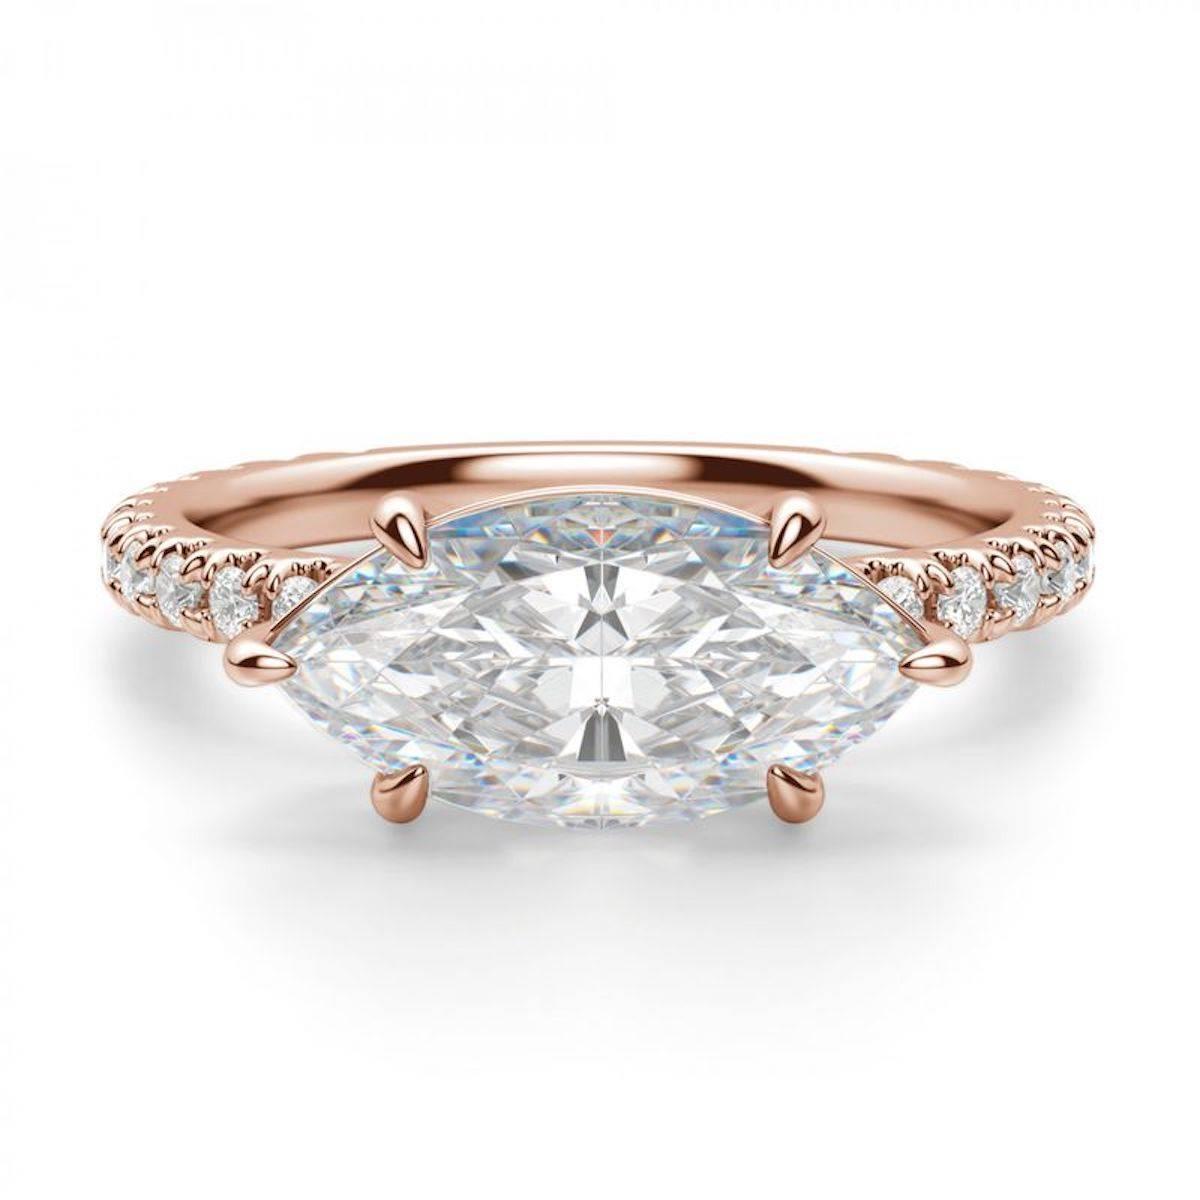 Кольцо с ремешком из розового золота от Diamond Nexus (Фото: пресс-материалы)